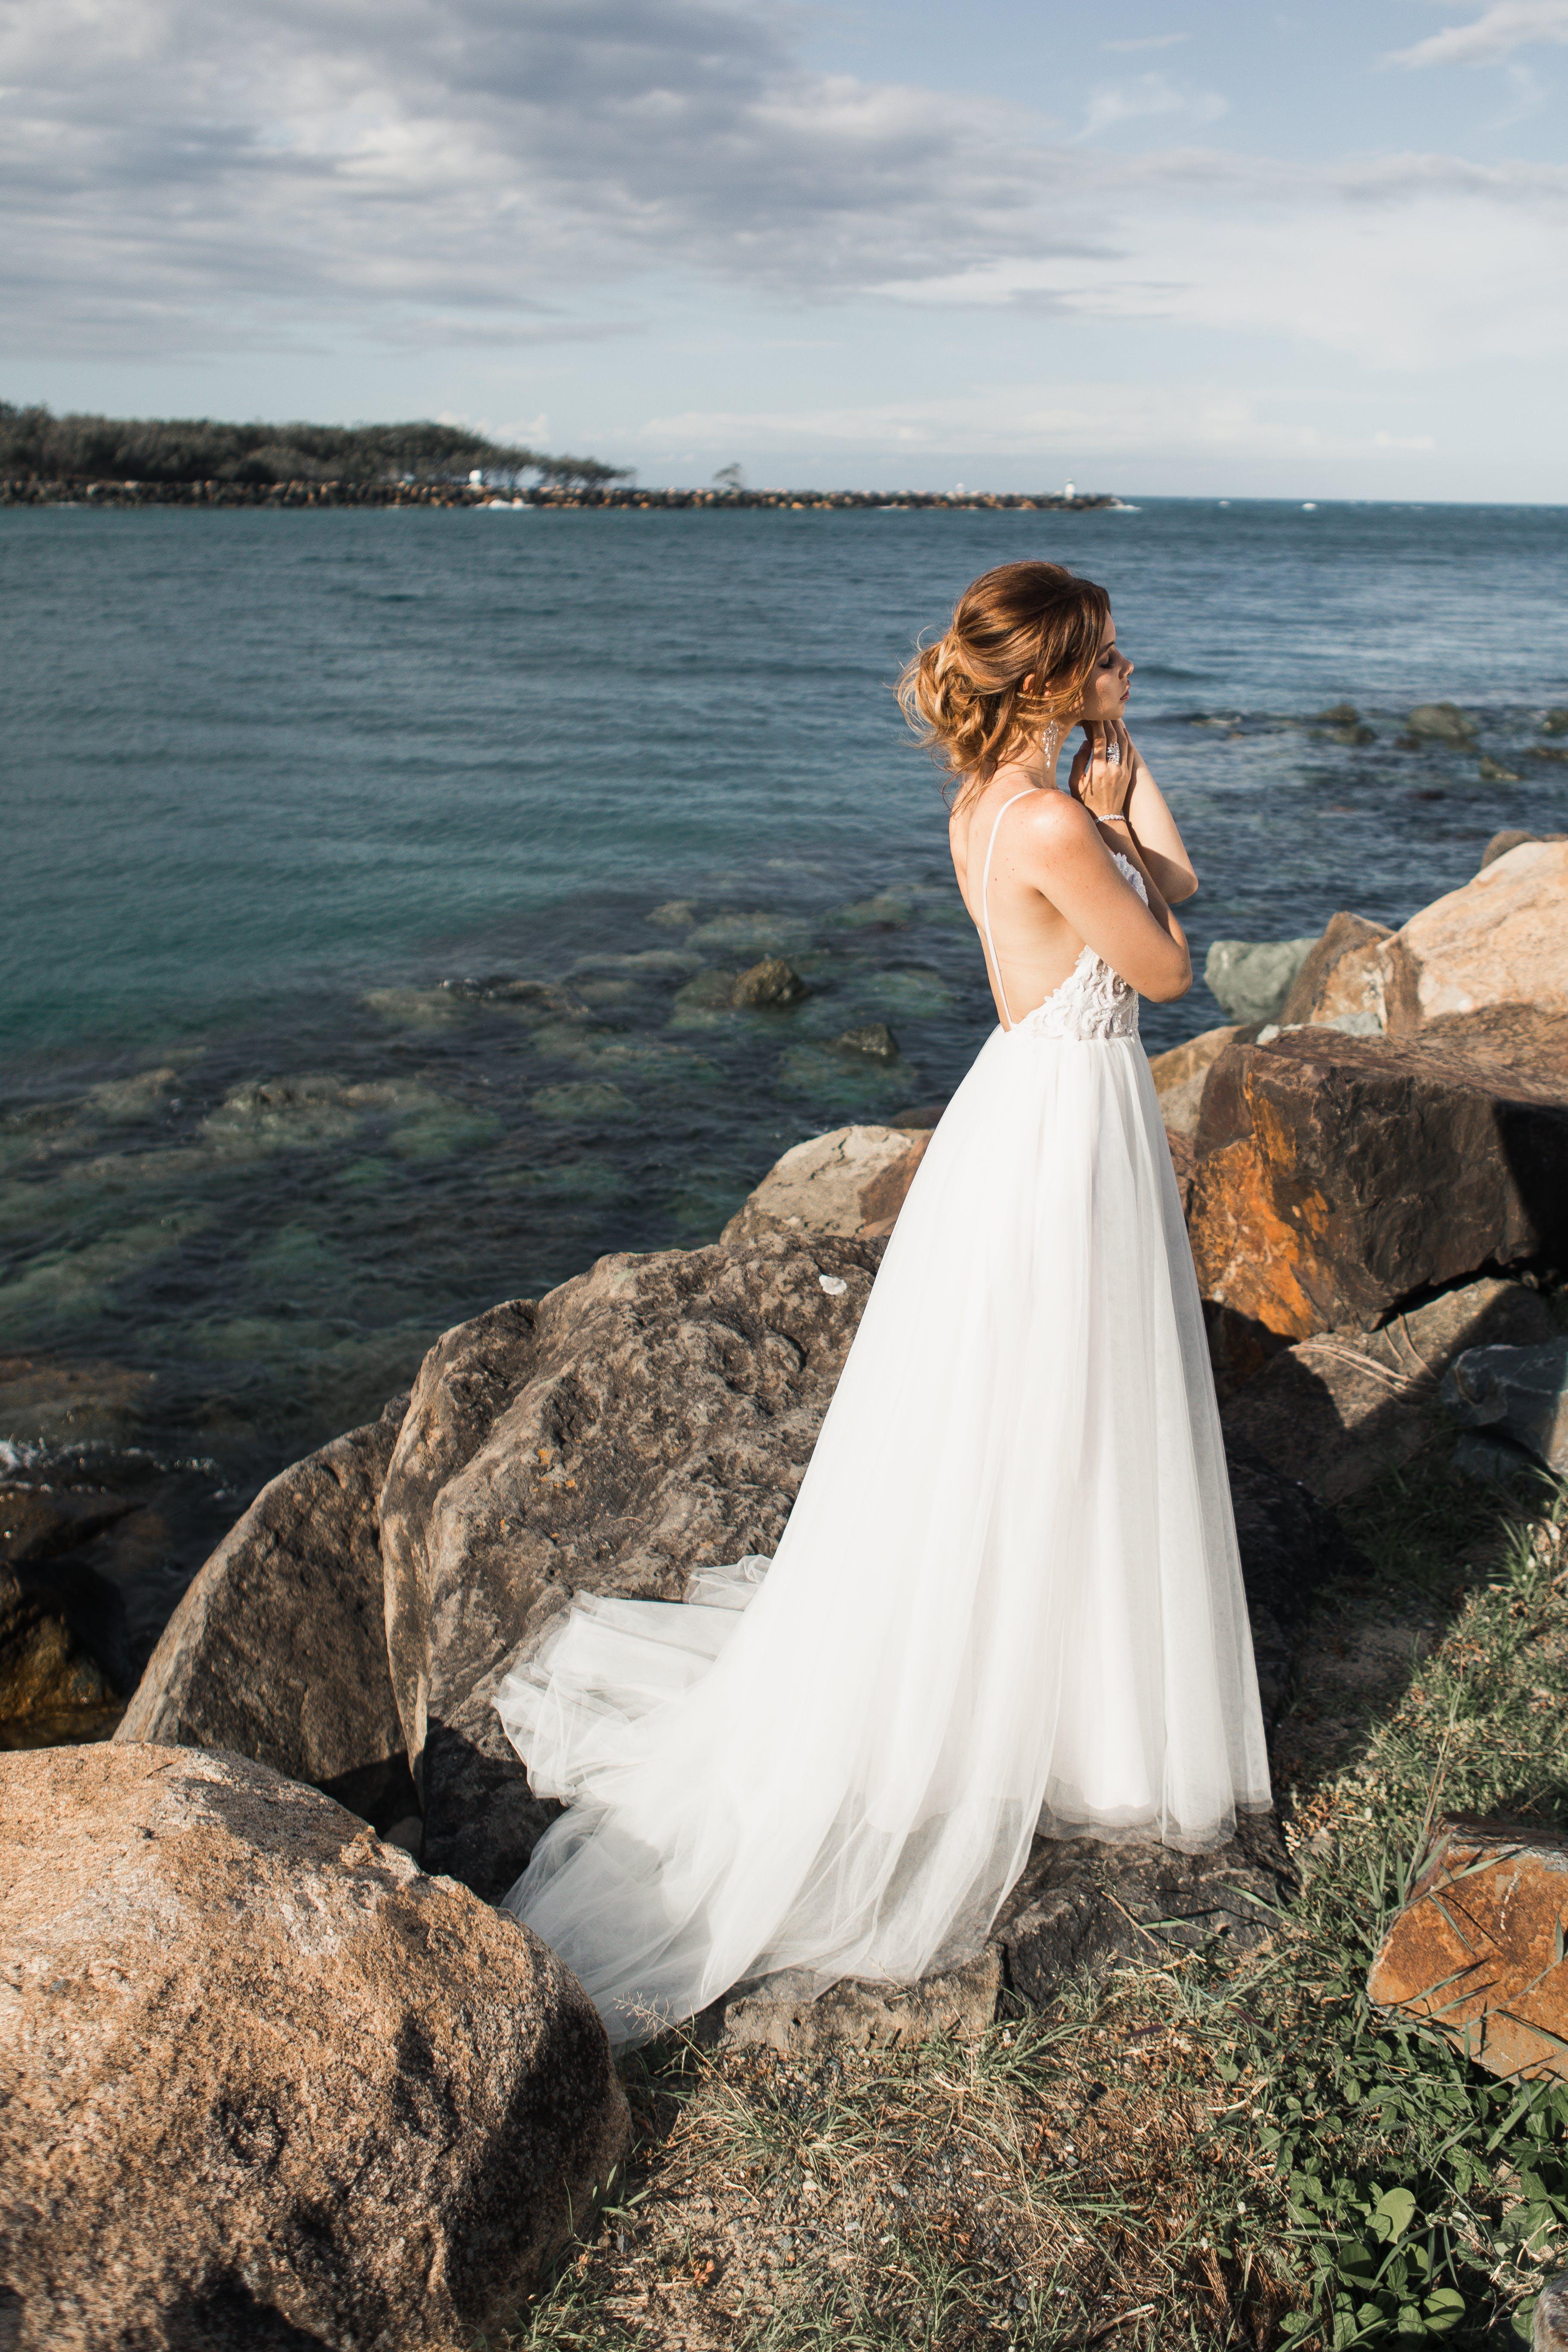 Kostnadsfri bild av avslappning, bröllopsklänning, brud, brudklänning